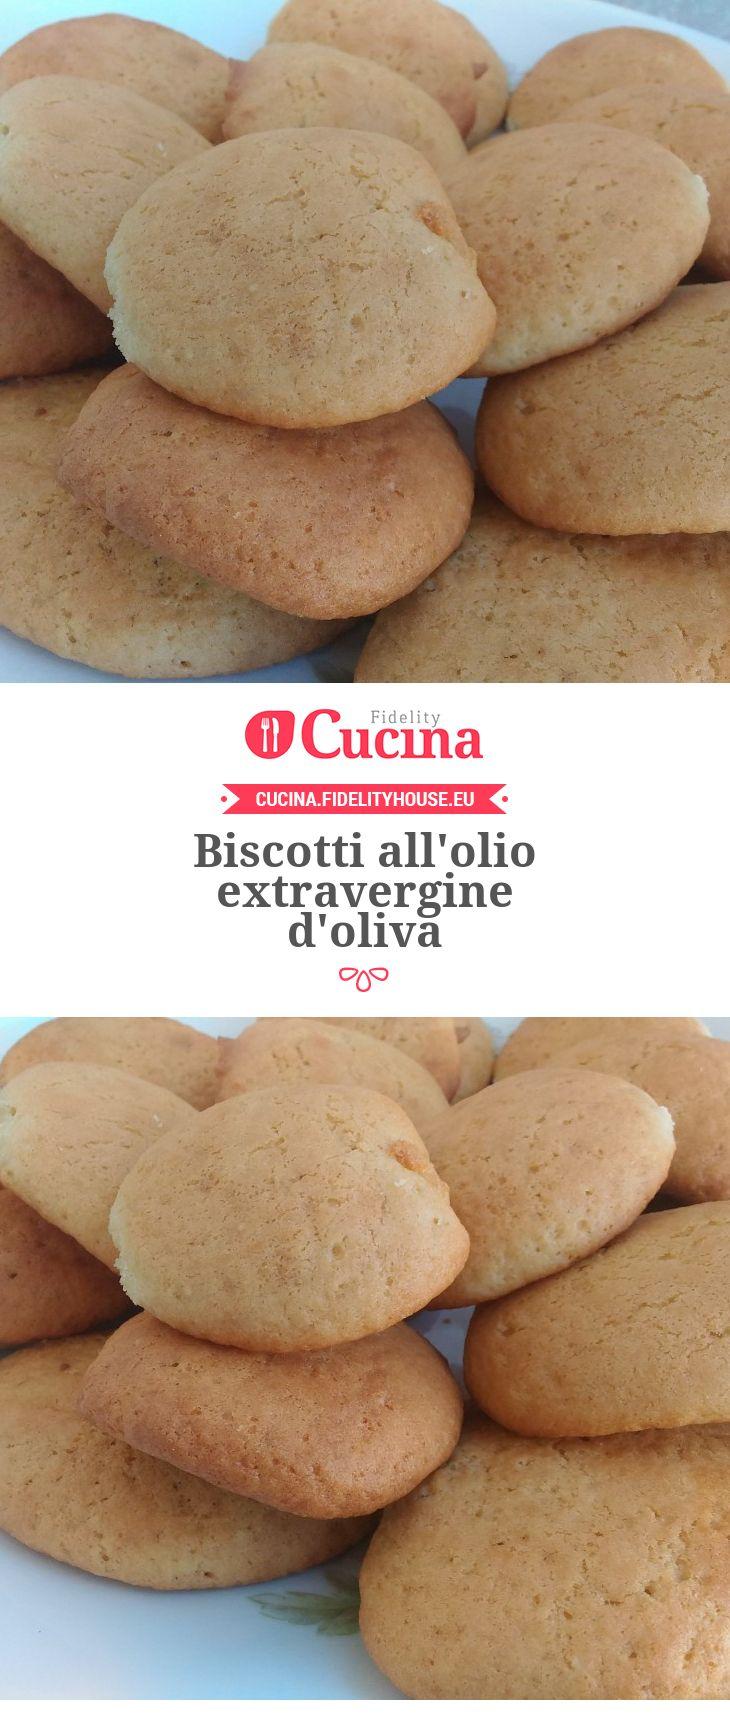 Biscotti all'olio extravergine d'oliva